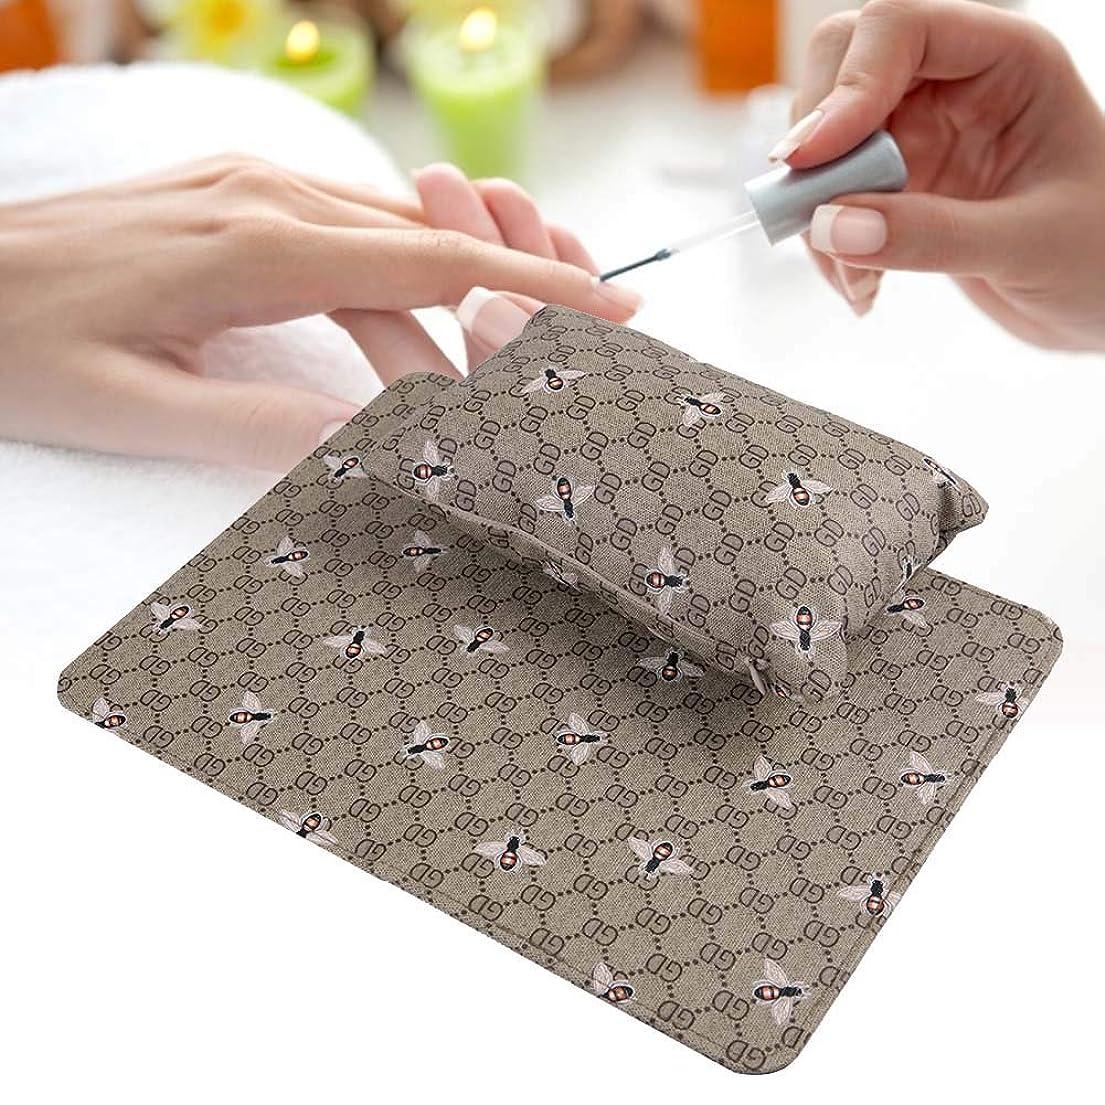 きらきら文句を言う天才折りたたみ マニキュアテーブル付き 洗える ハンドレスト枕 ソフト PUレザー/取り外し可能 (オリーブグリーン)